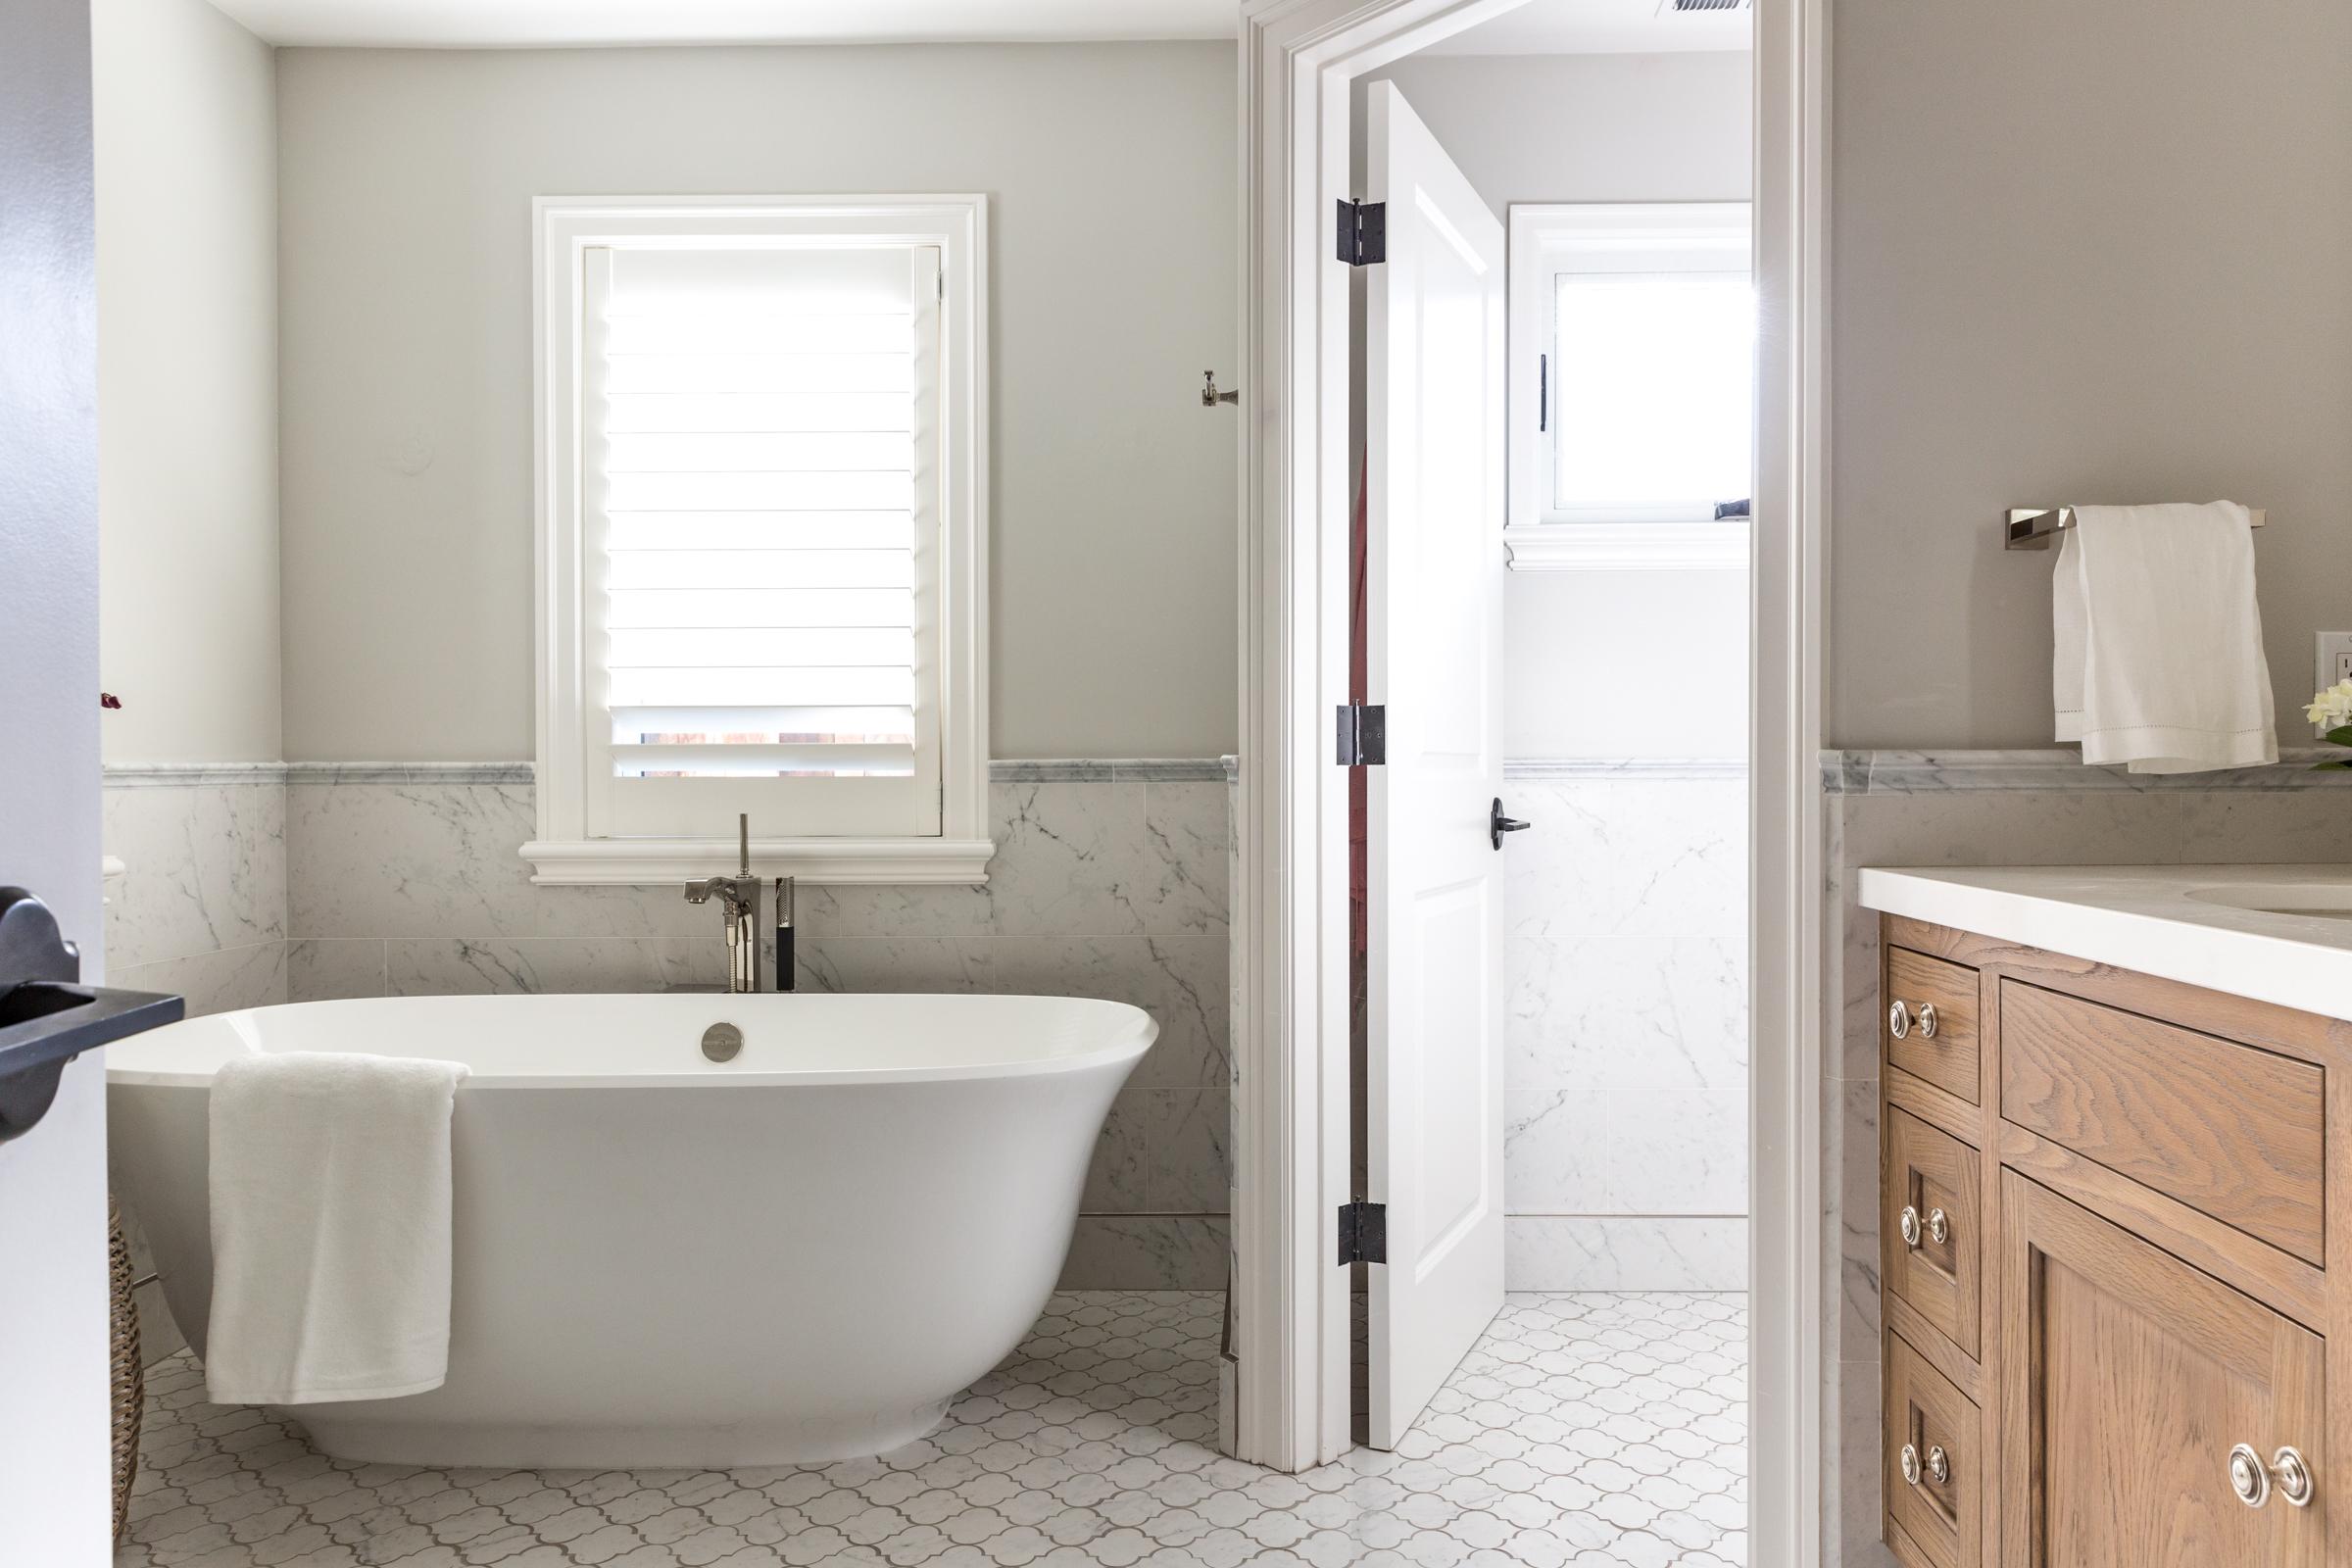 celeste_bathrooms-7.jpg